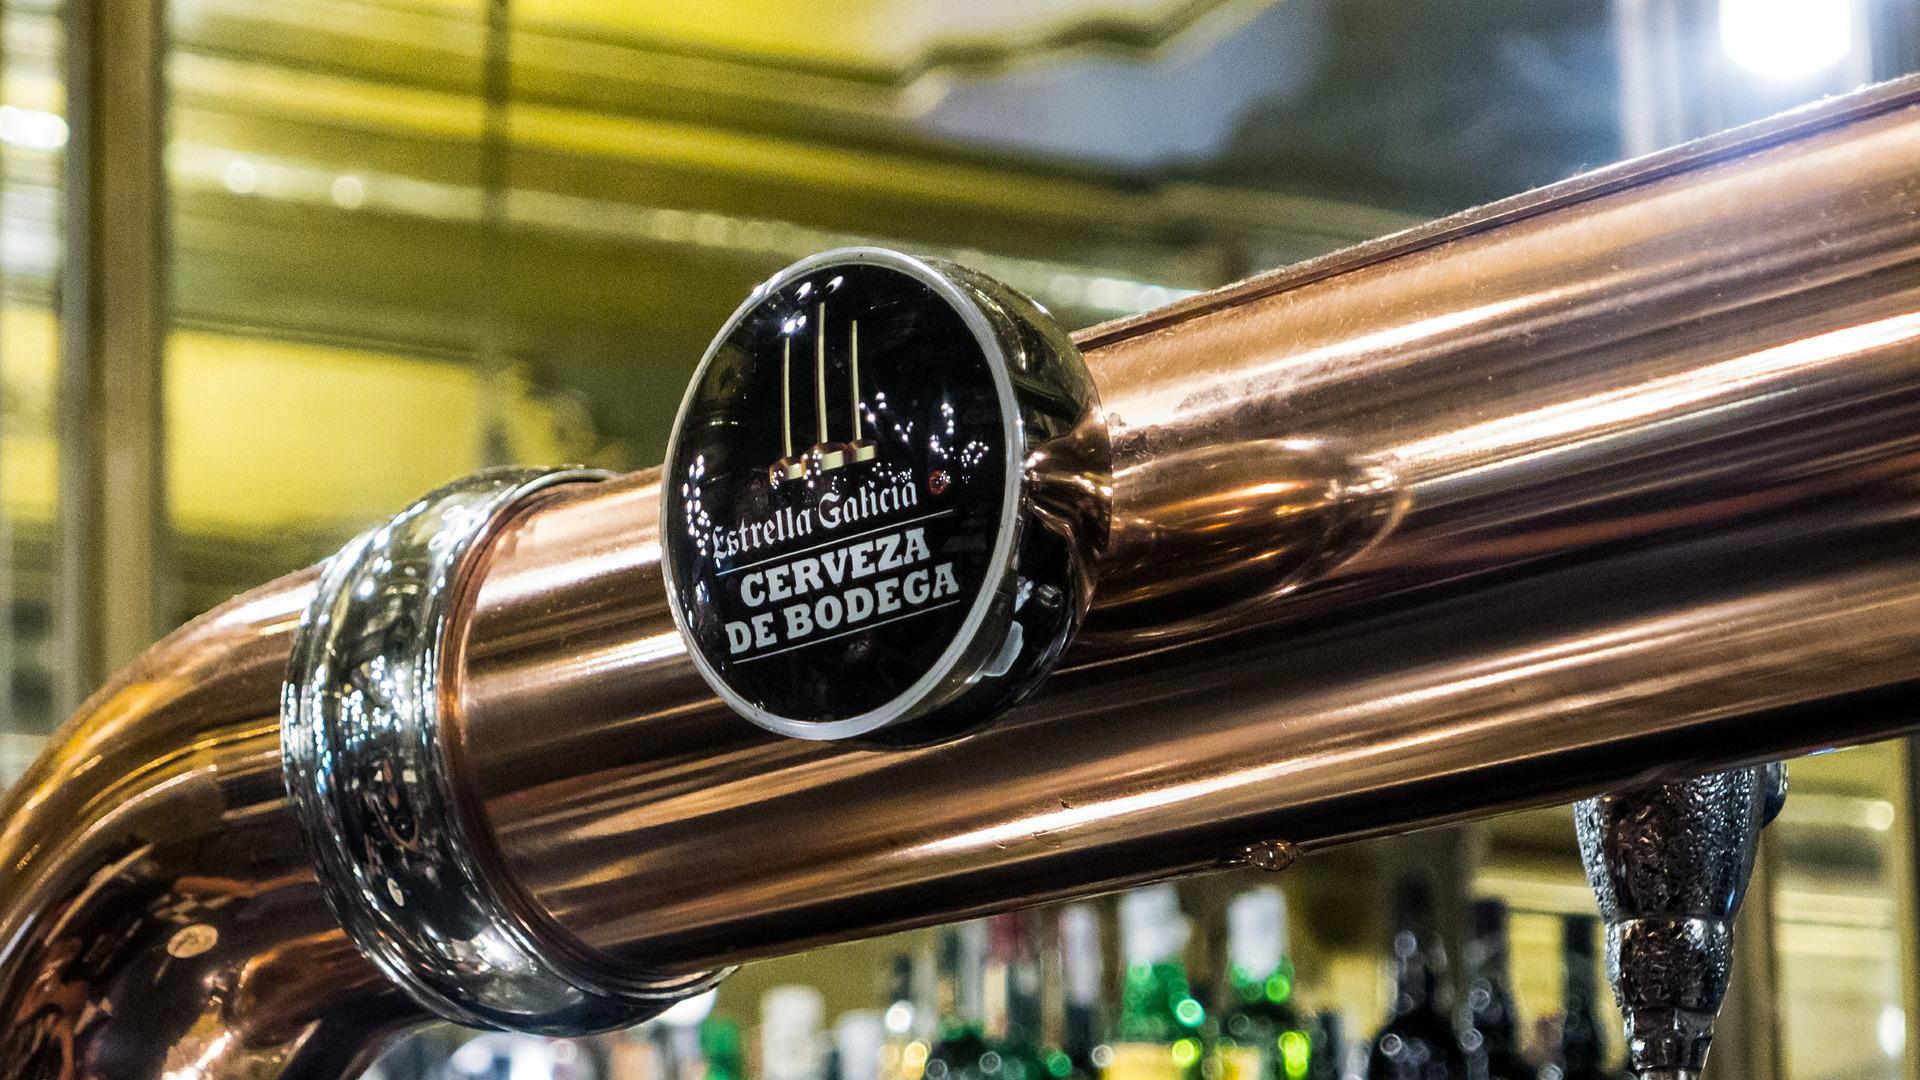 En busca del mejor tirador de cerveza de España 1920